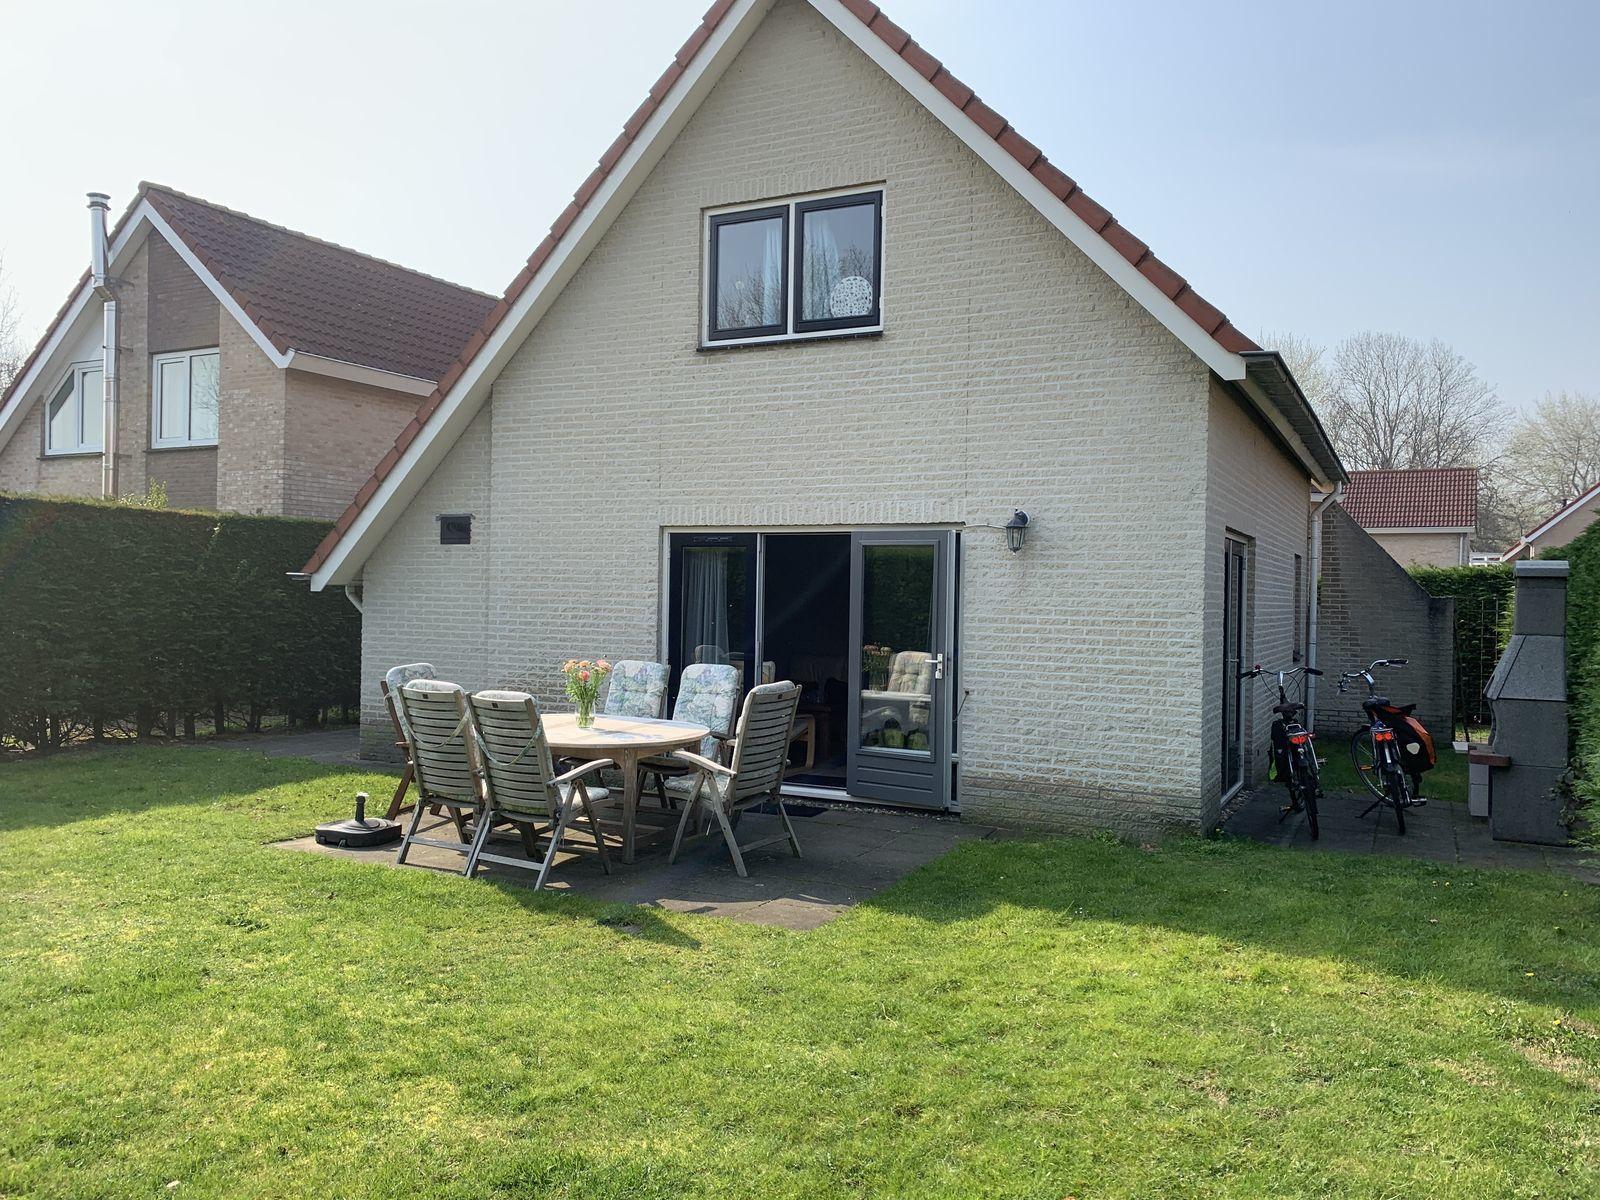 Mosselbank 049 - Noordzeepark Ouddorp De kokkel